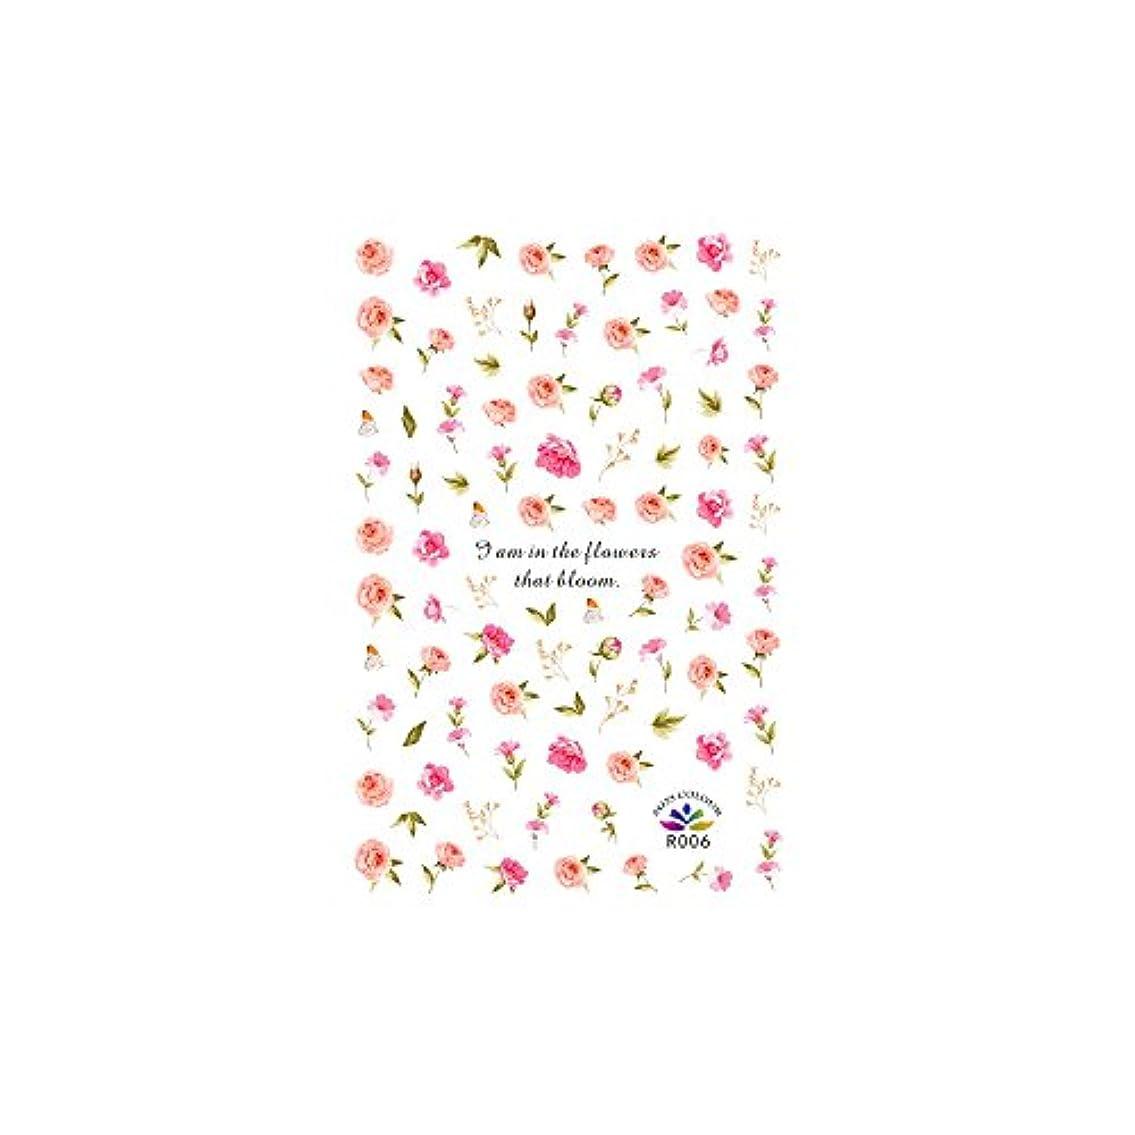 ベッツィトロットウッドシェトランド諸島デコラティブネイルシール アンティークローズシール ジェルネイル ネイルアート 花柄 花びら フラワーネイル 薔薇 セルフネイル